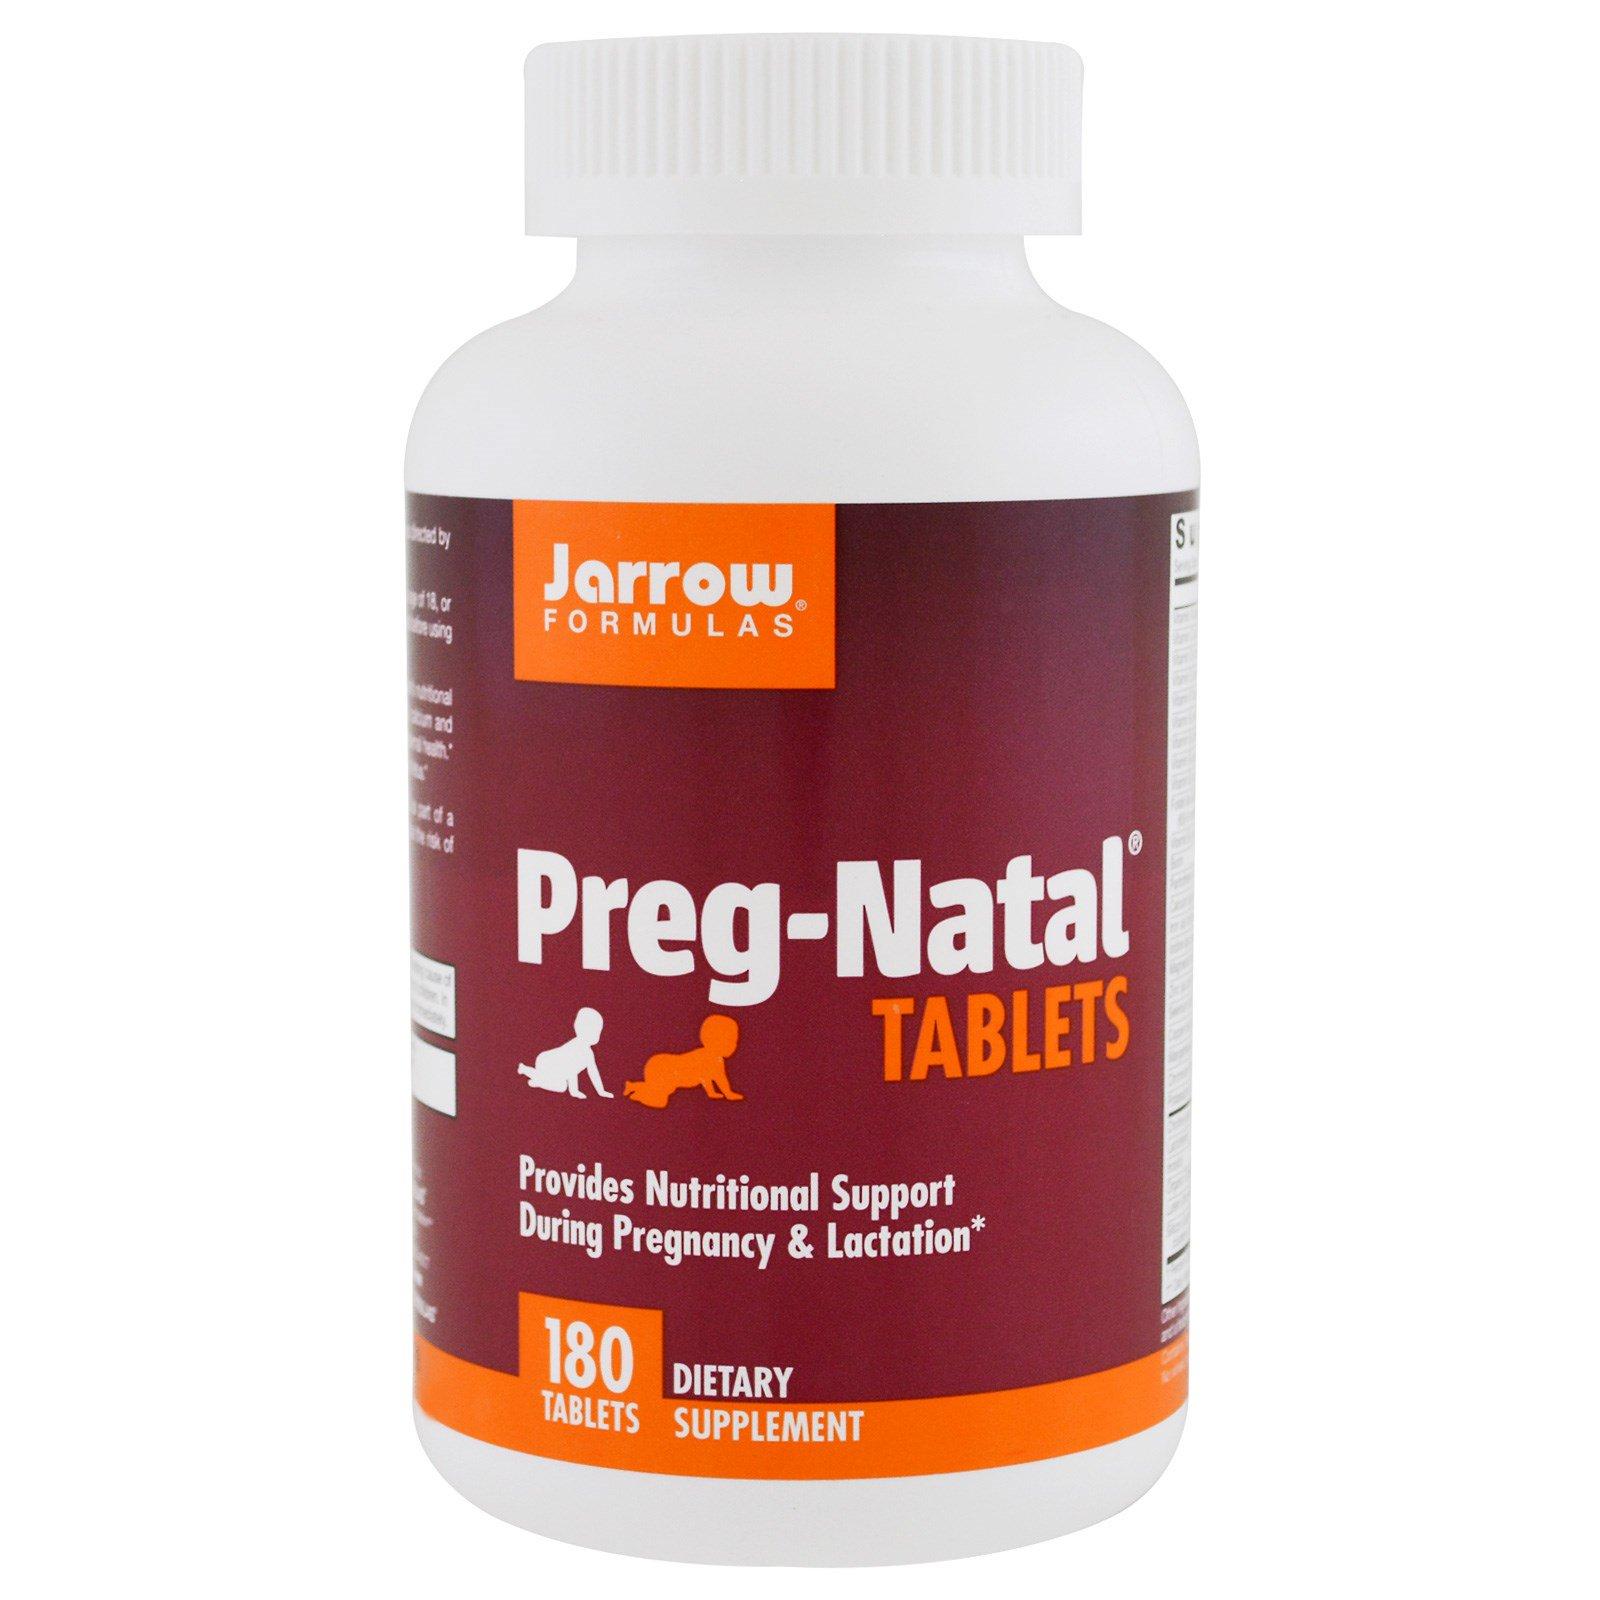 Jarrow Formulas, PregNatal + ДГК, 30 пакетов, 180 легкорастворимых таблеток и 30 капсул